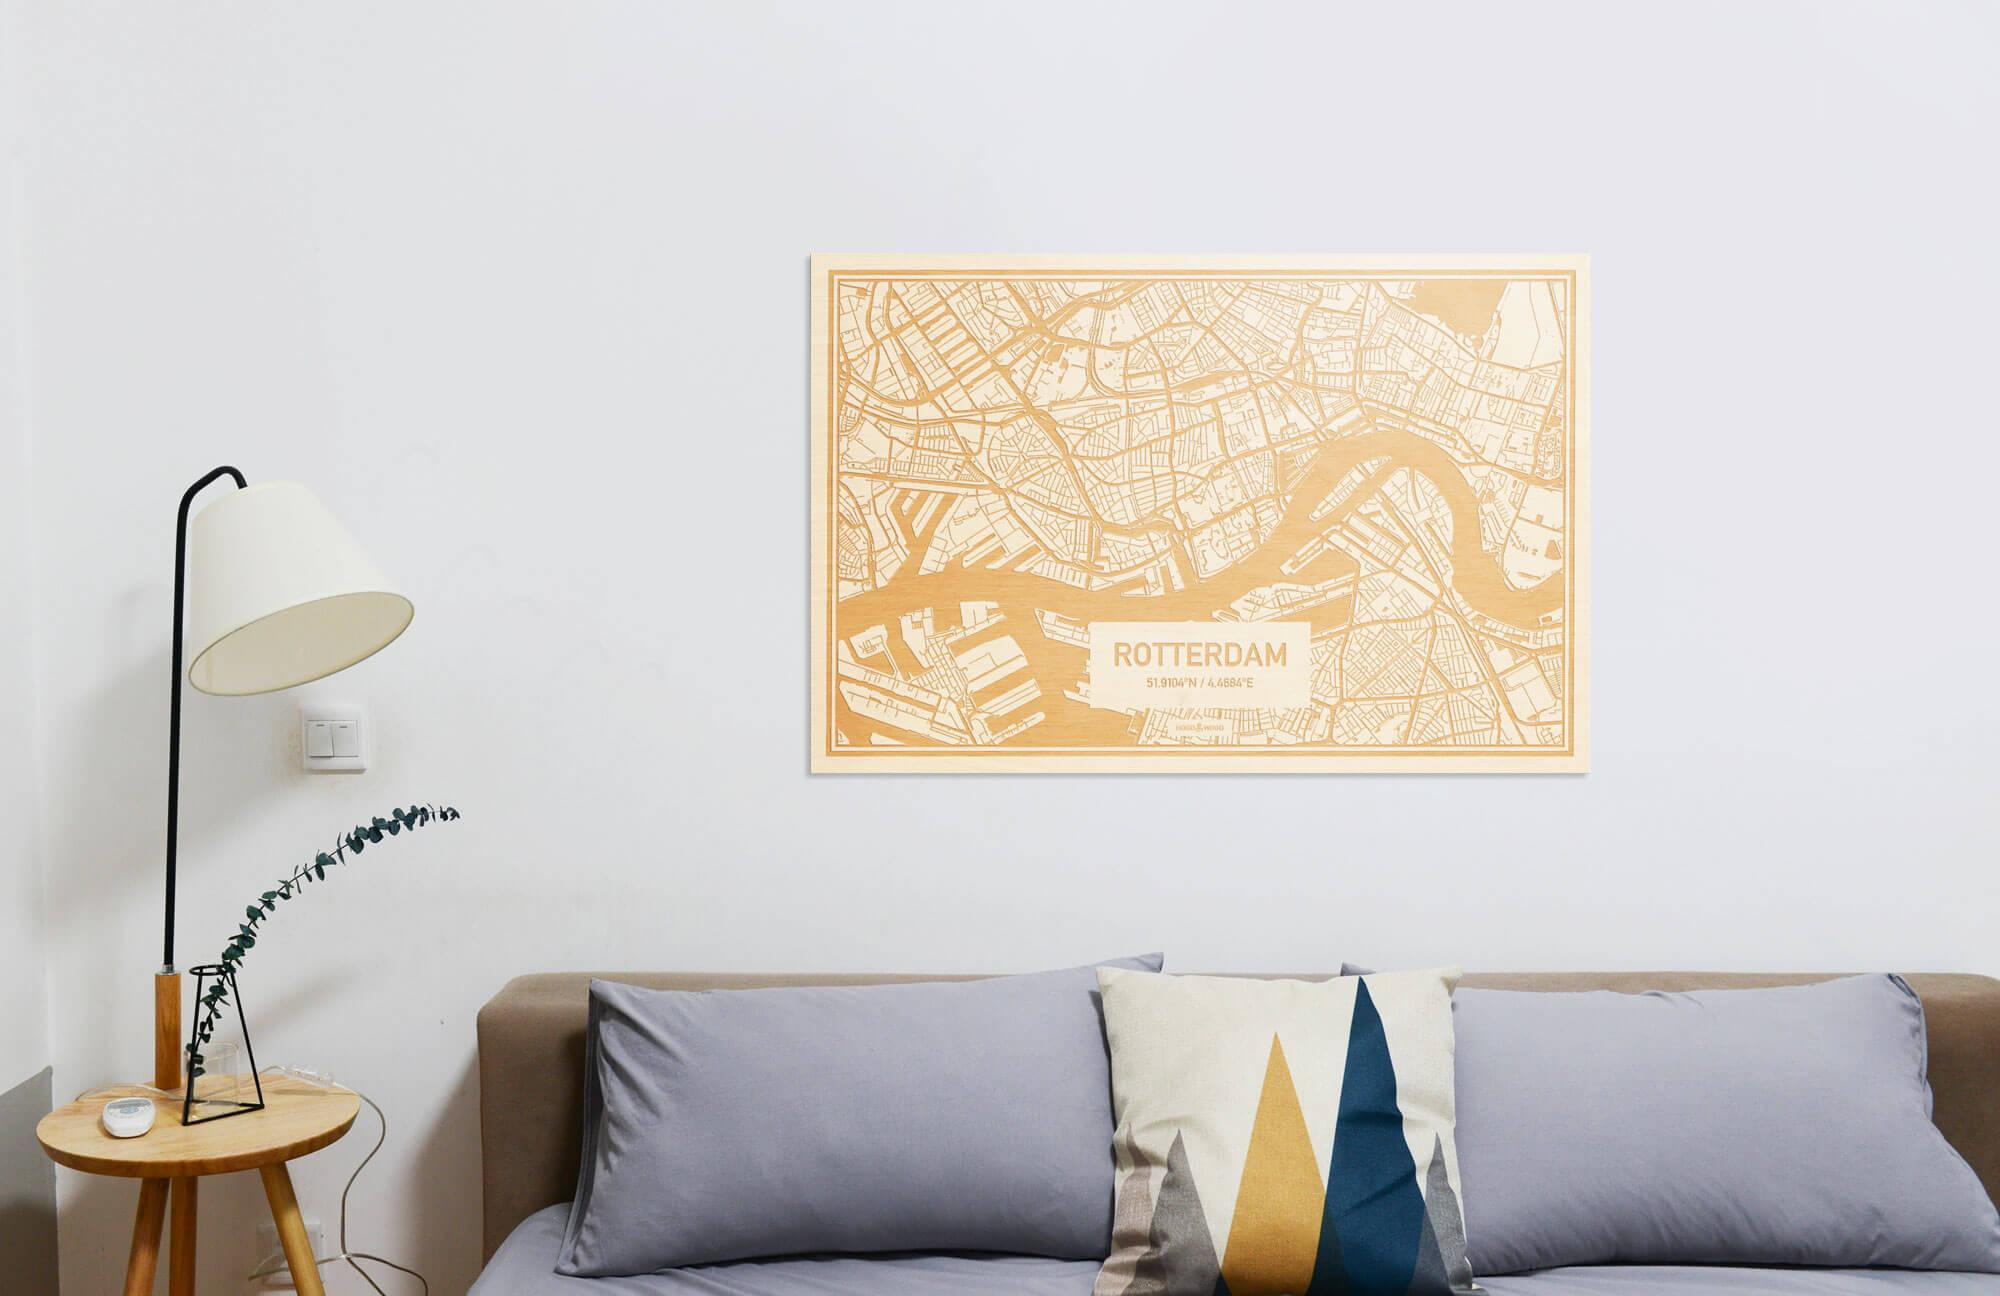 Comfortabele bank met een landschap oriëntatie van de Plattegrond $place als prachtige houten wanddecoratie. Het warme hout brengt veel balans op de 'koude' witte muur.